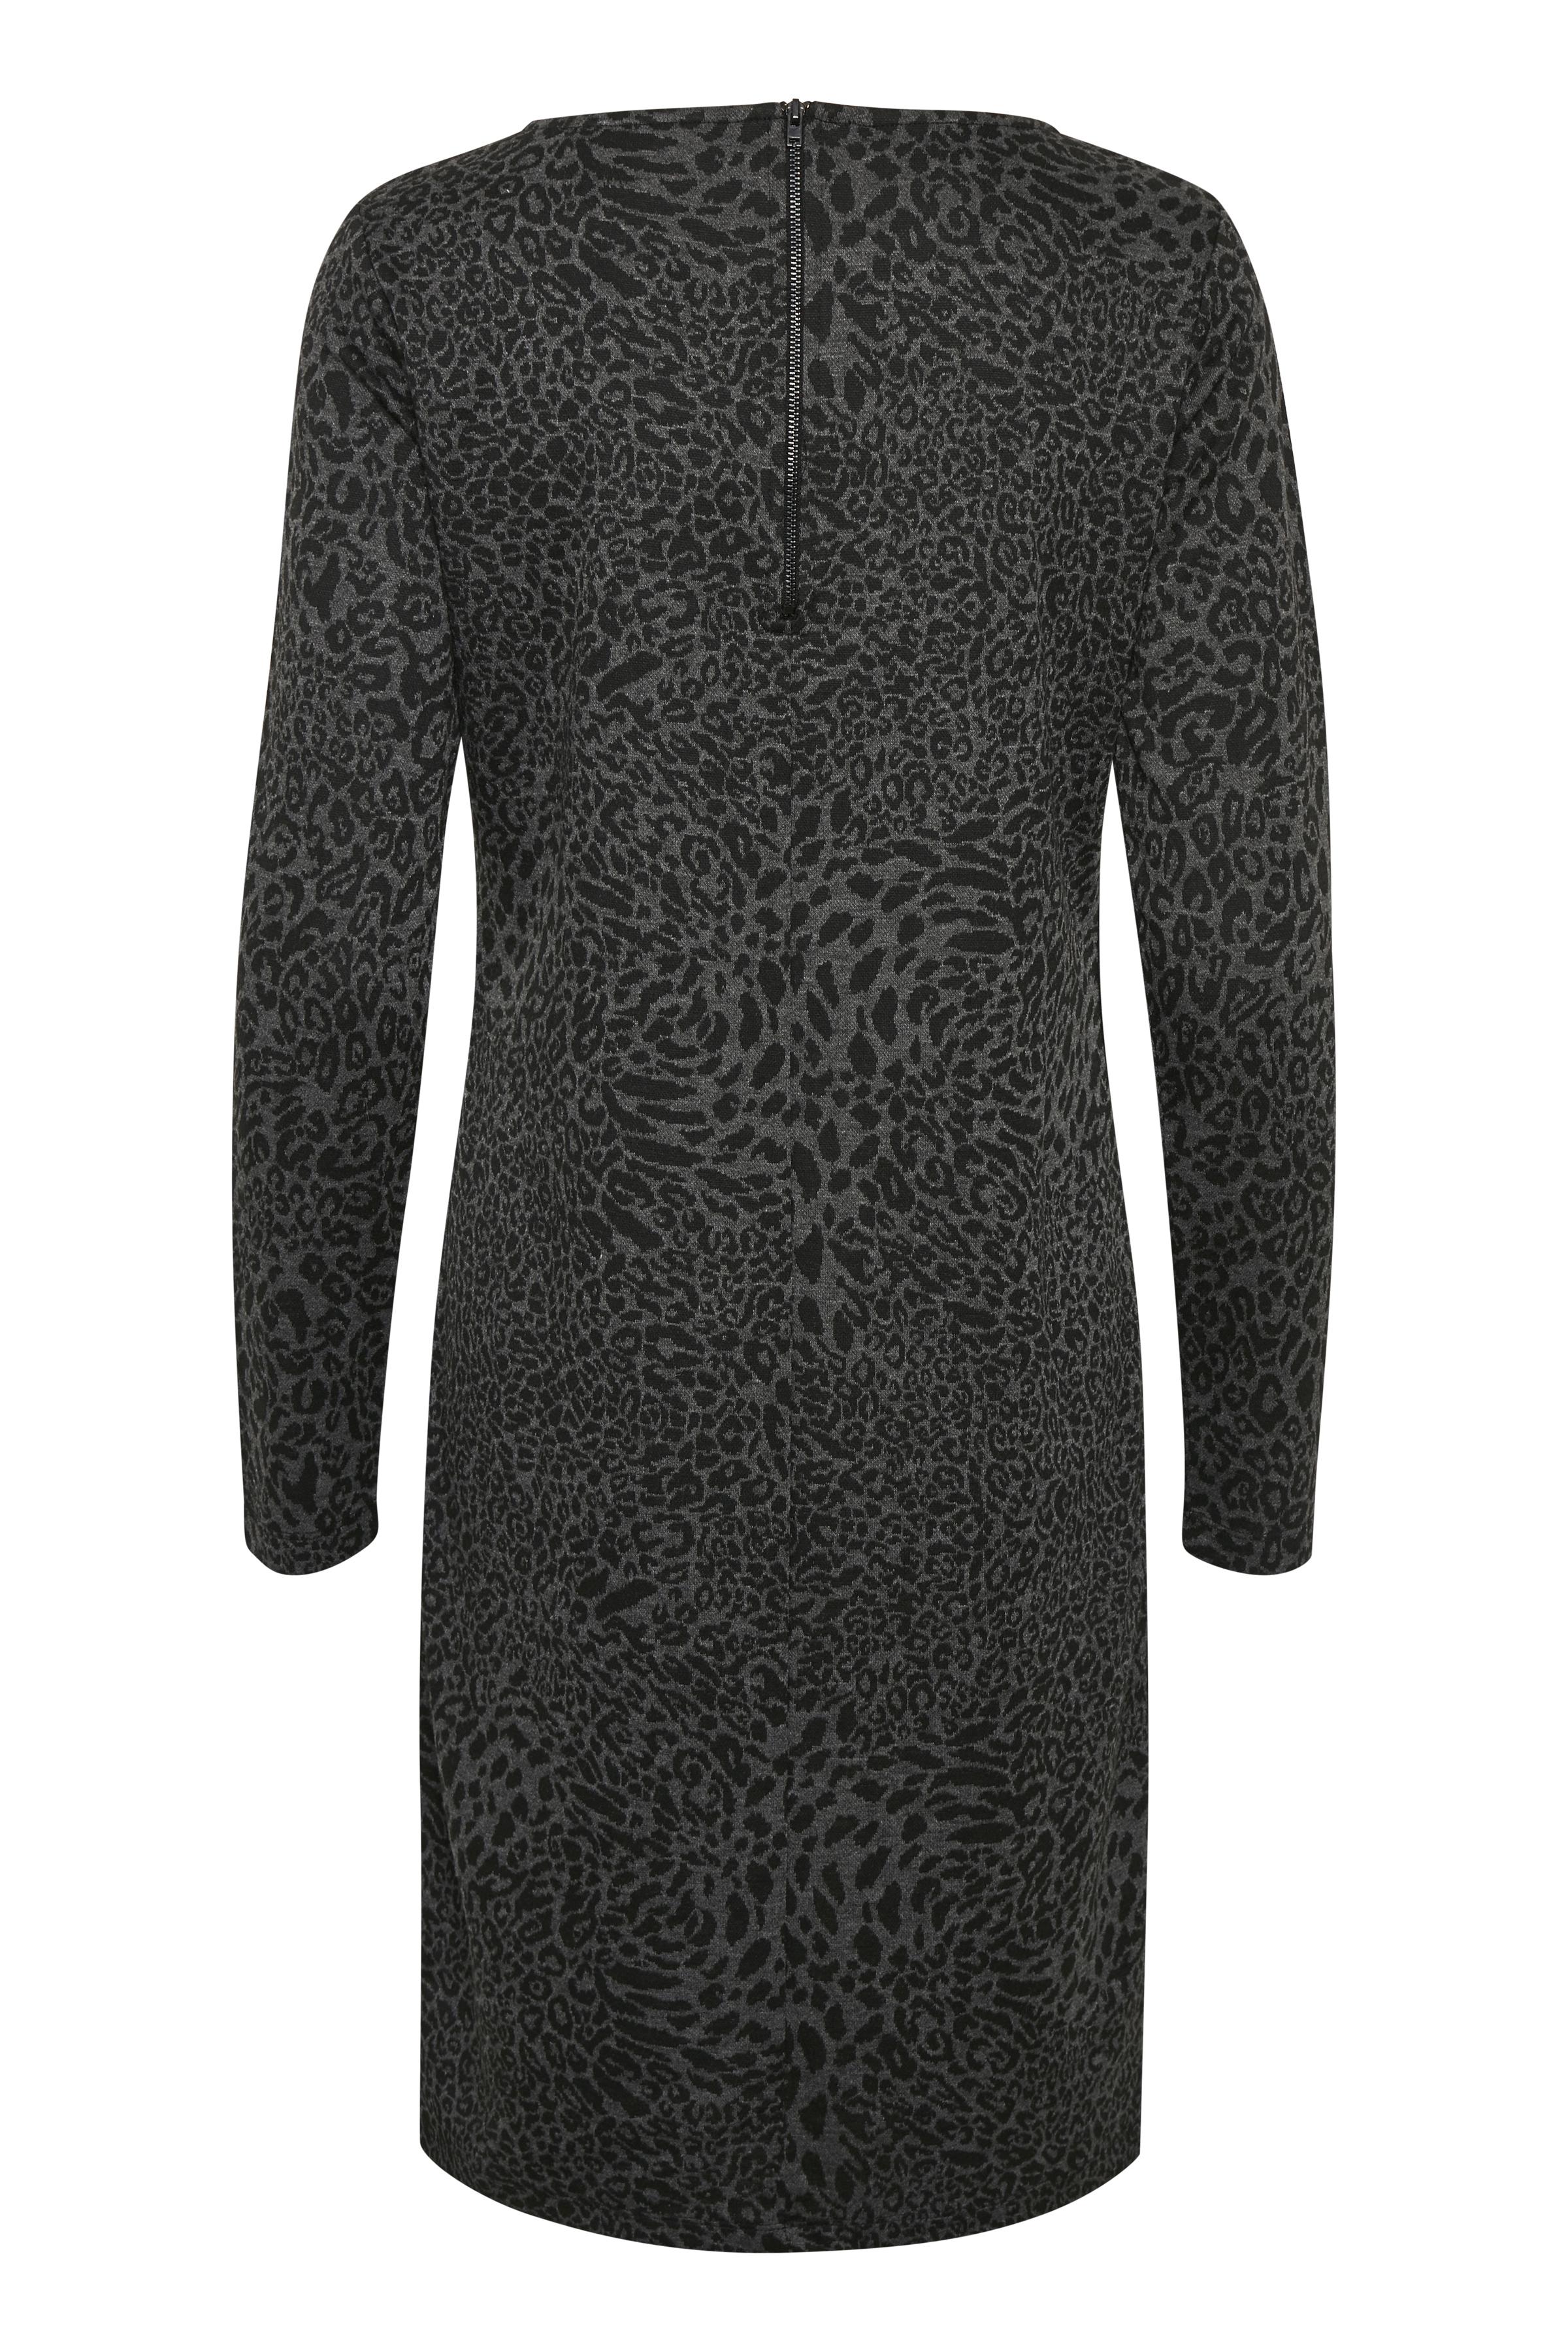 Svart/grå Strickad klänning från Bon'A Parte – Köp Svart/grå Strickad klänning från stl. S-2XL här